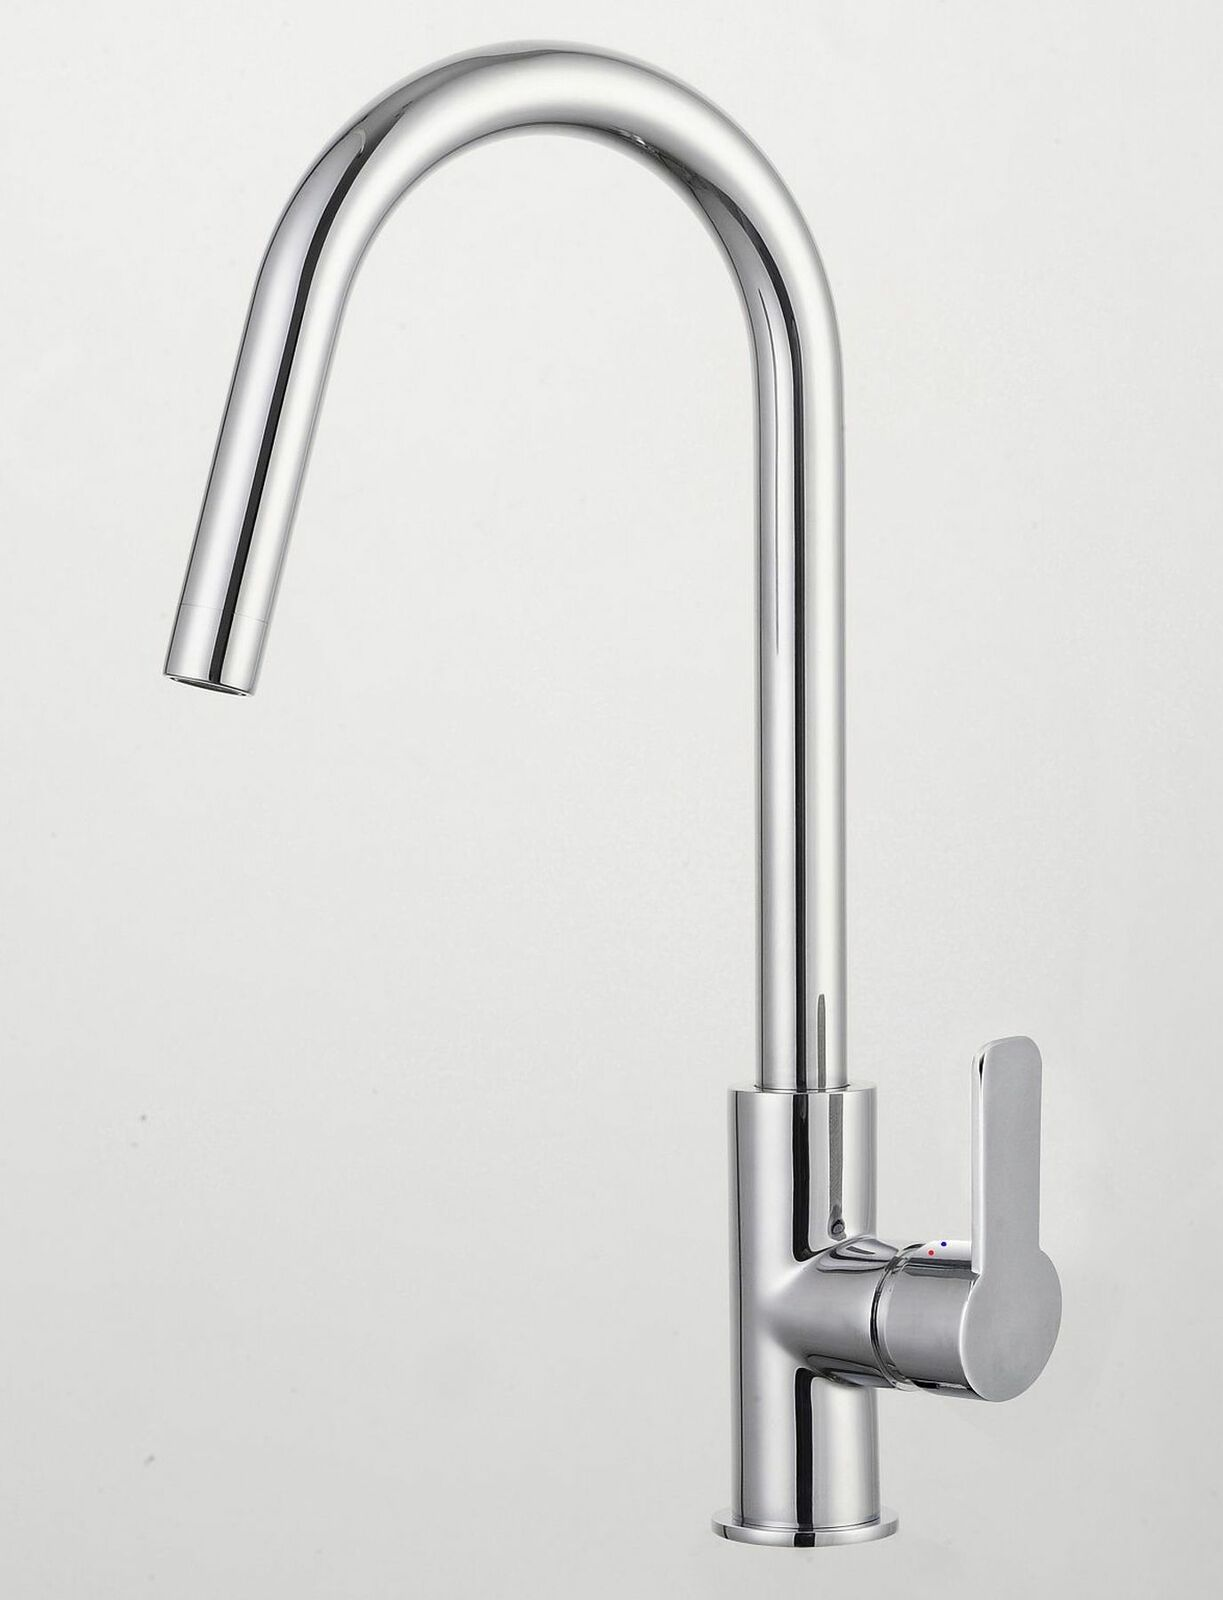 Spültischarmatur Küchenarmatur modern Einhandmischer Wasserhahn Küche *17